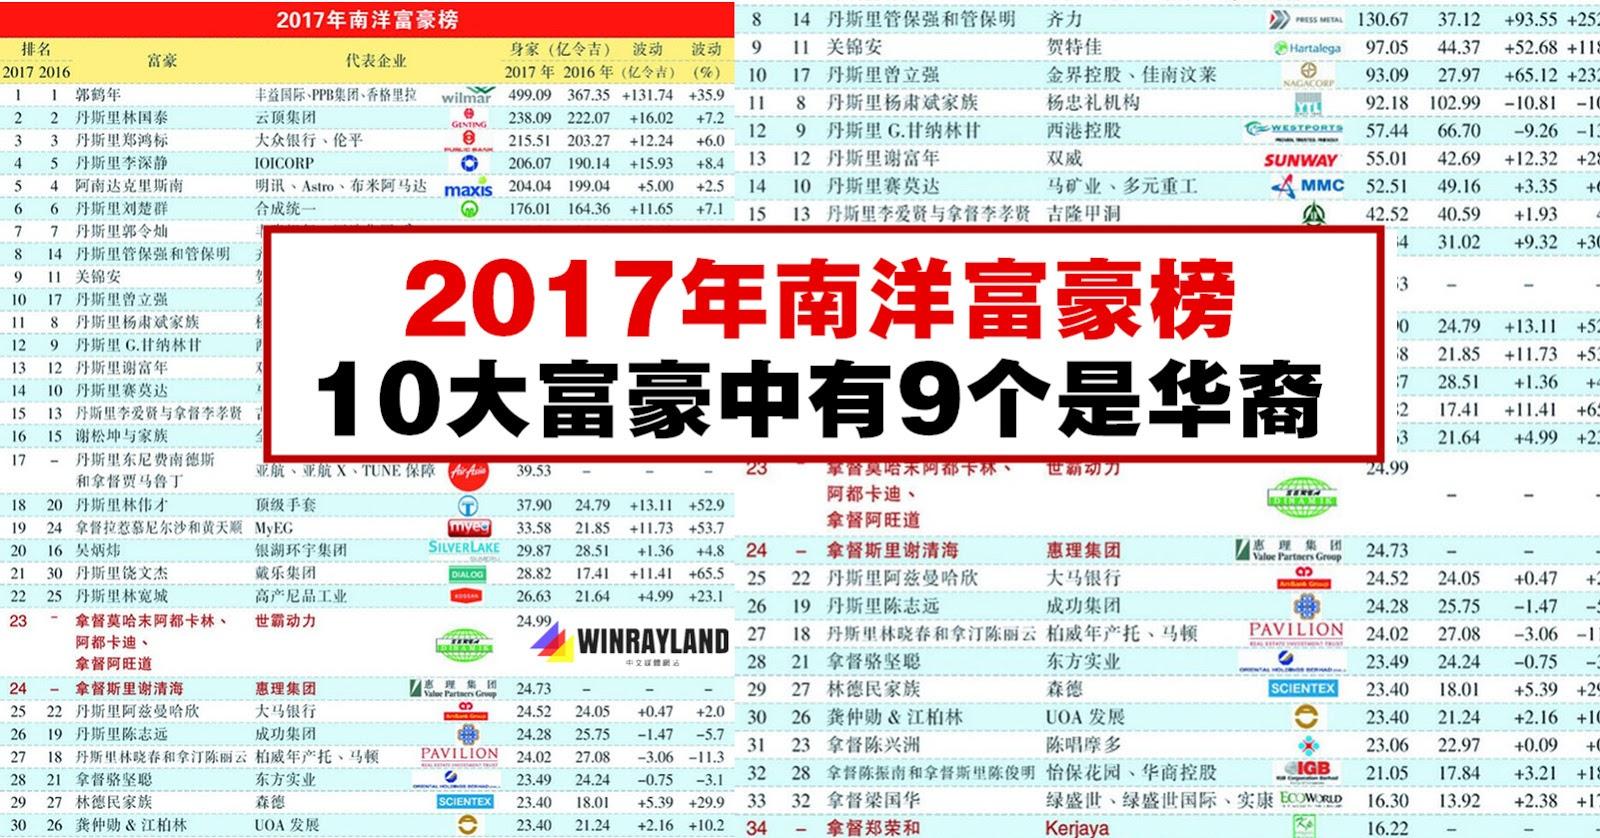 2017年大马富豪榜